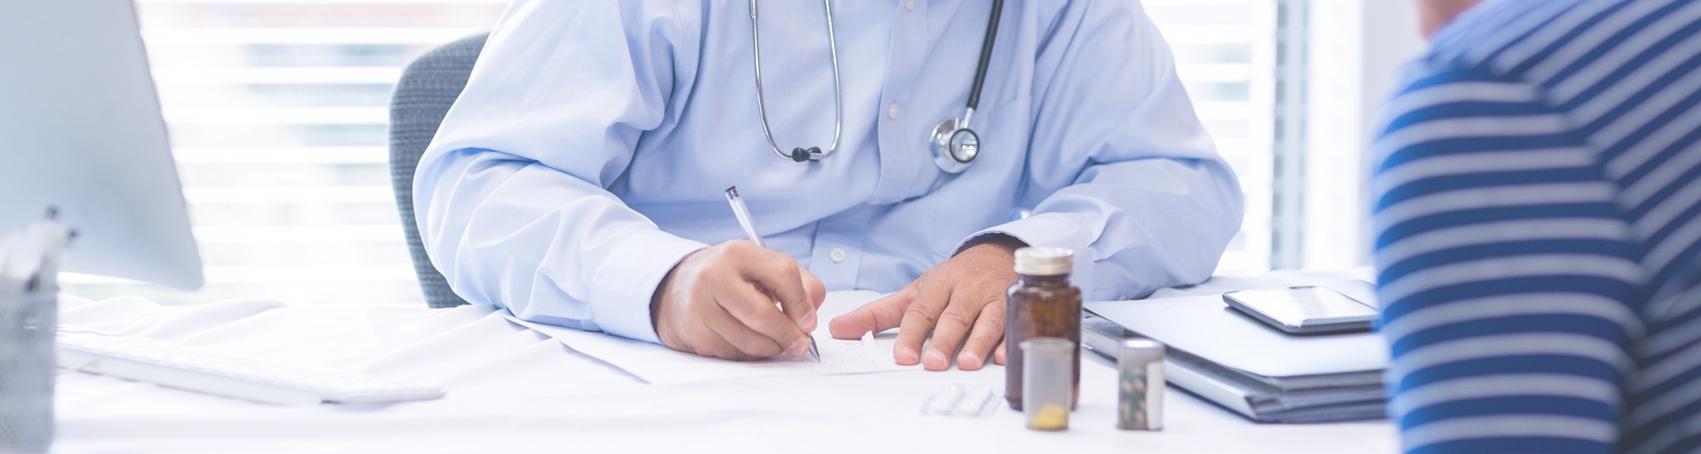 Témoignage secteur de la santé - Fidaquitaine